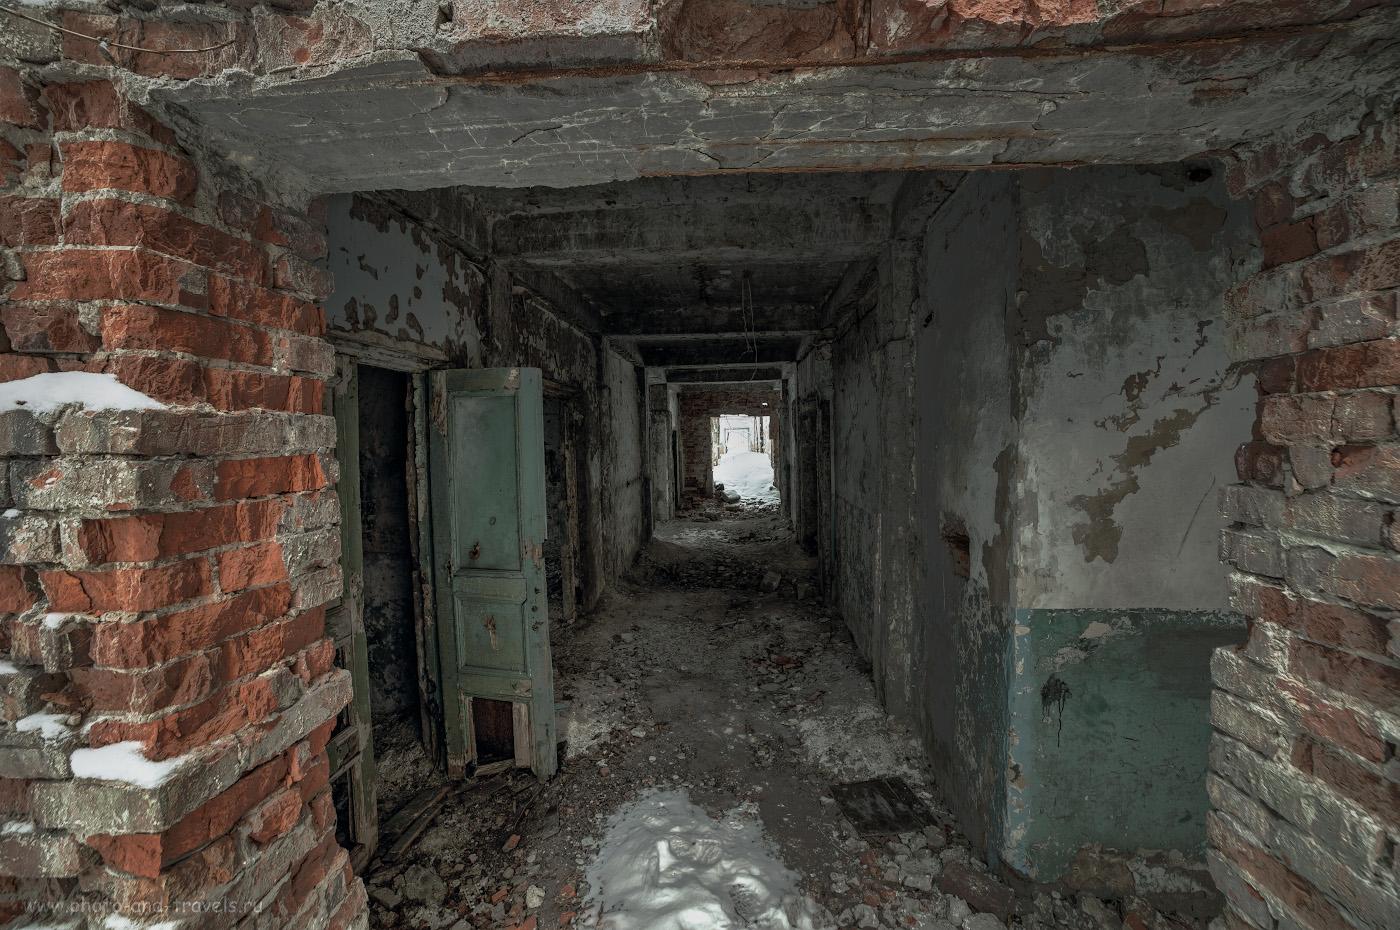 Фотография 25. Здание Дворца культуры хорошо бы подошло для съемок фильмов ужасов. HDR из 3-х кадров.